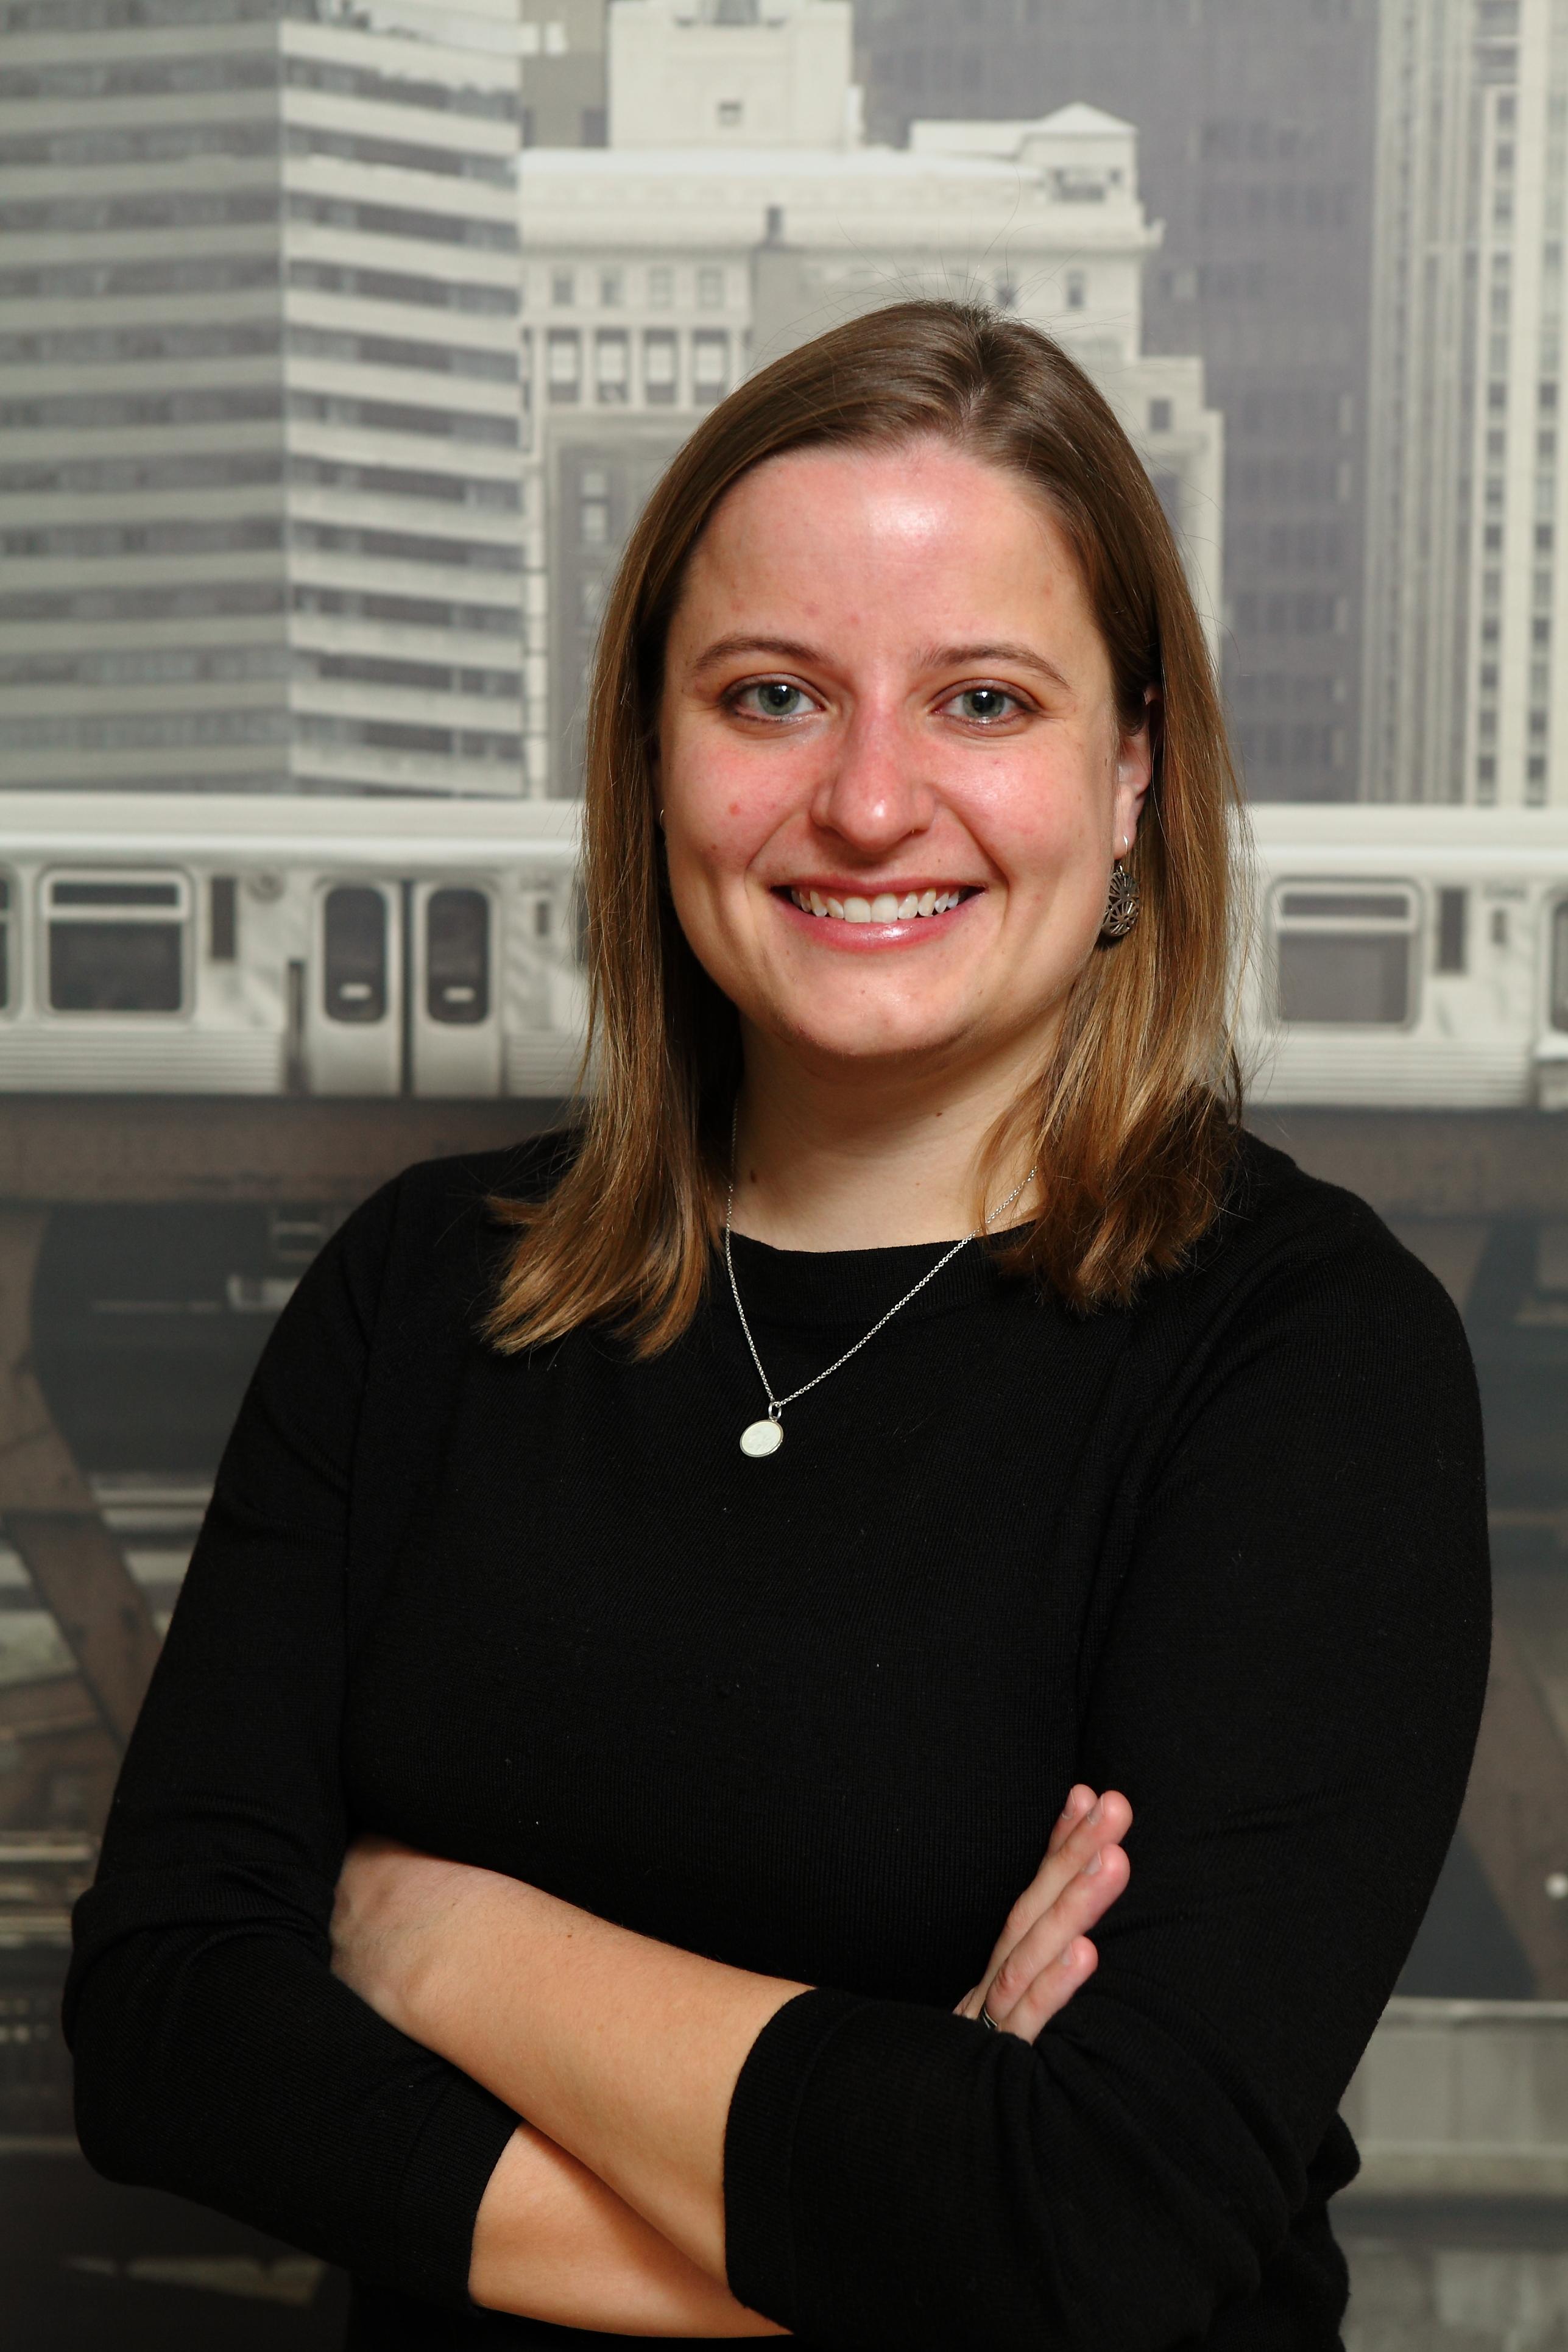 Lauren Nolan Doctoral student Rutgers University Voorhees Center